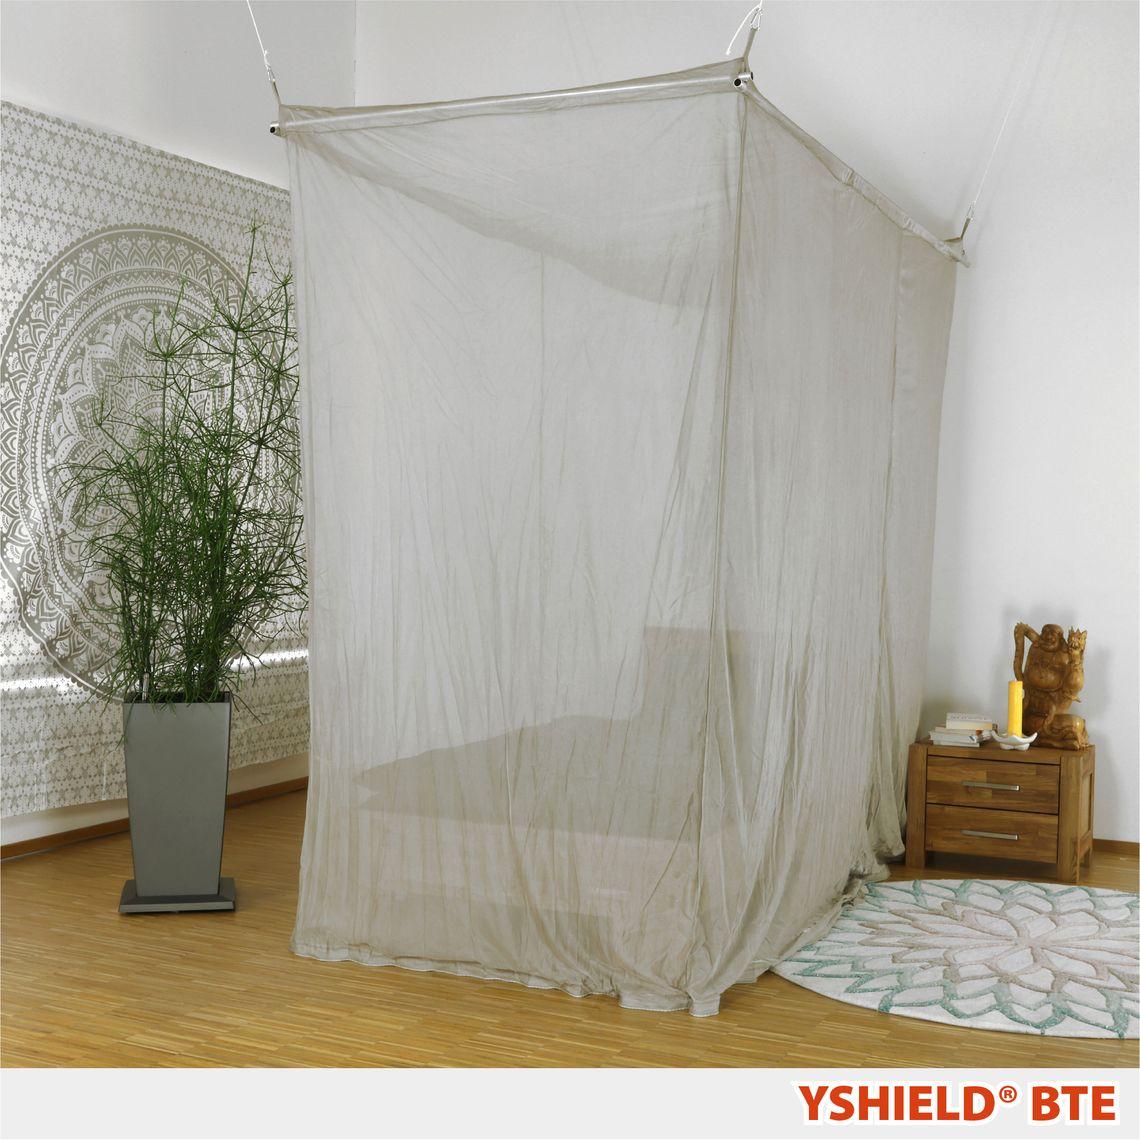 YSHIELD® BTE   Abschirmbaldachin   Einzelbett   SILVER-TULLE